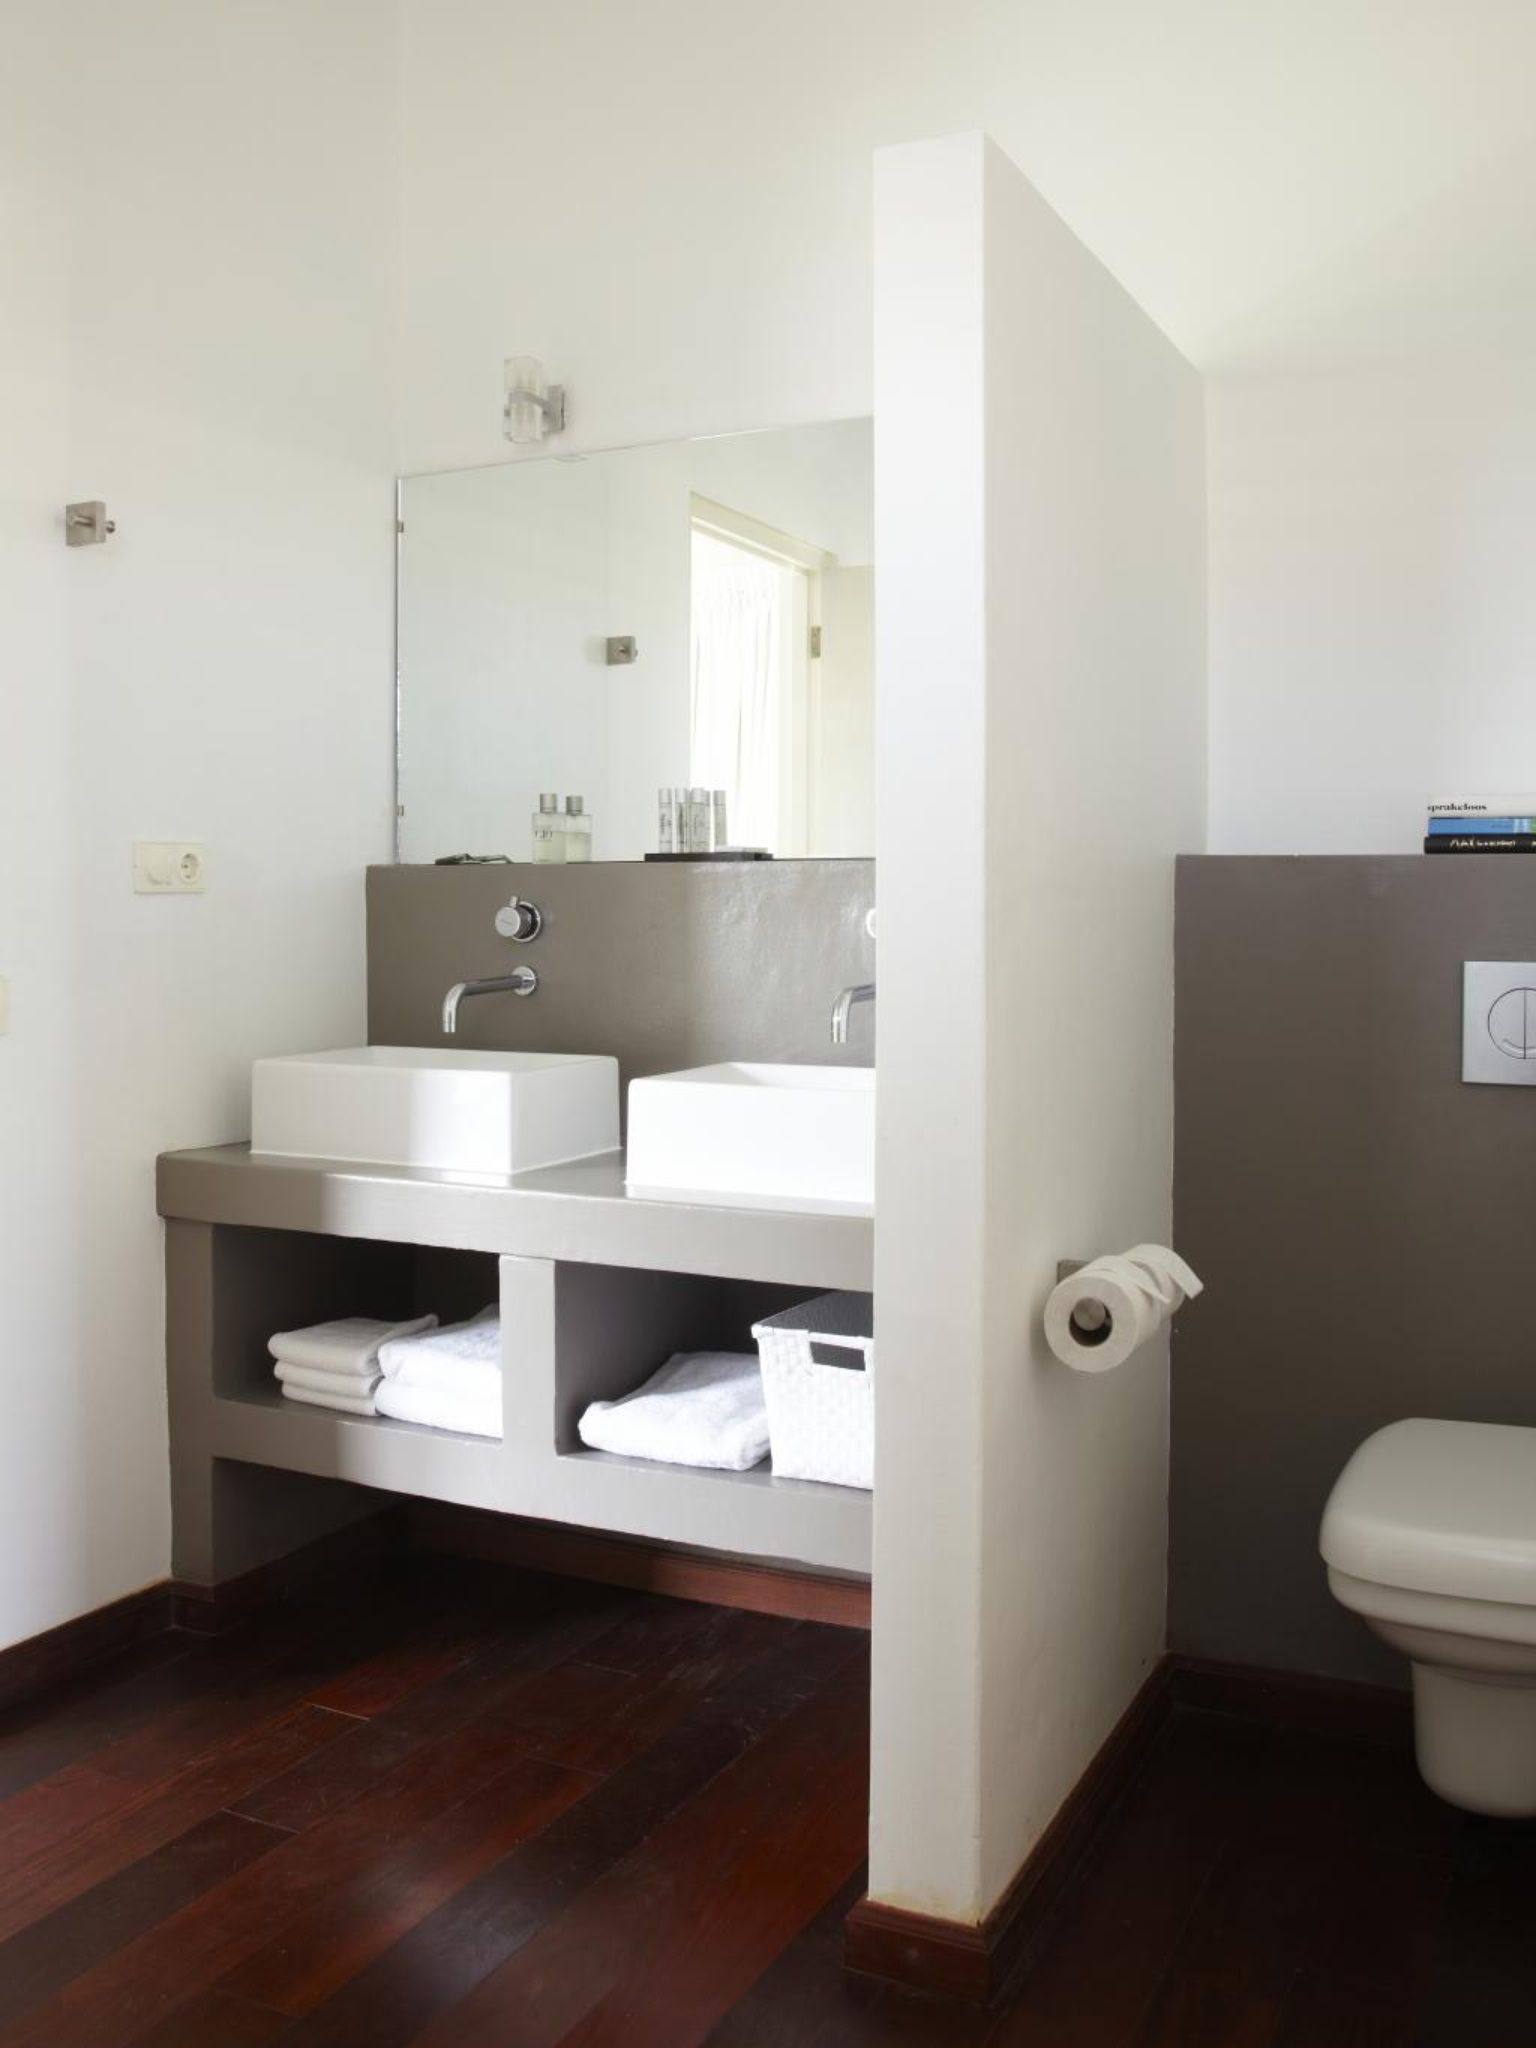 Haus badezimmer design untermauerter waschtisch  haus  pinterest  waschtisch badezimmer